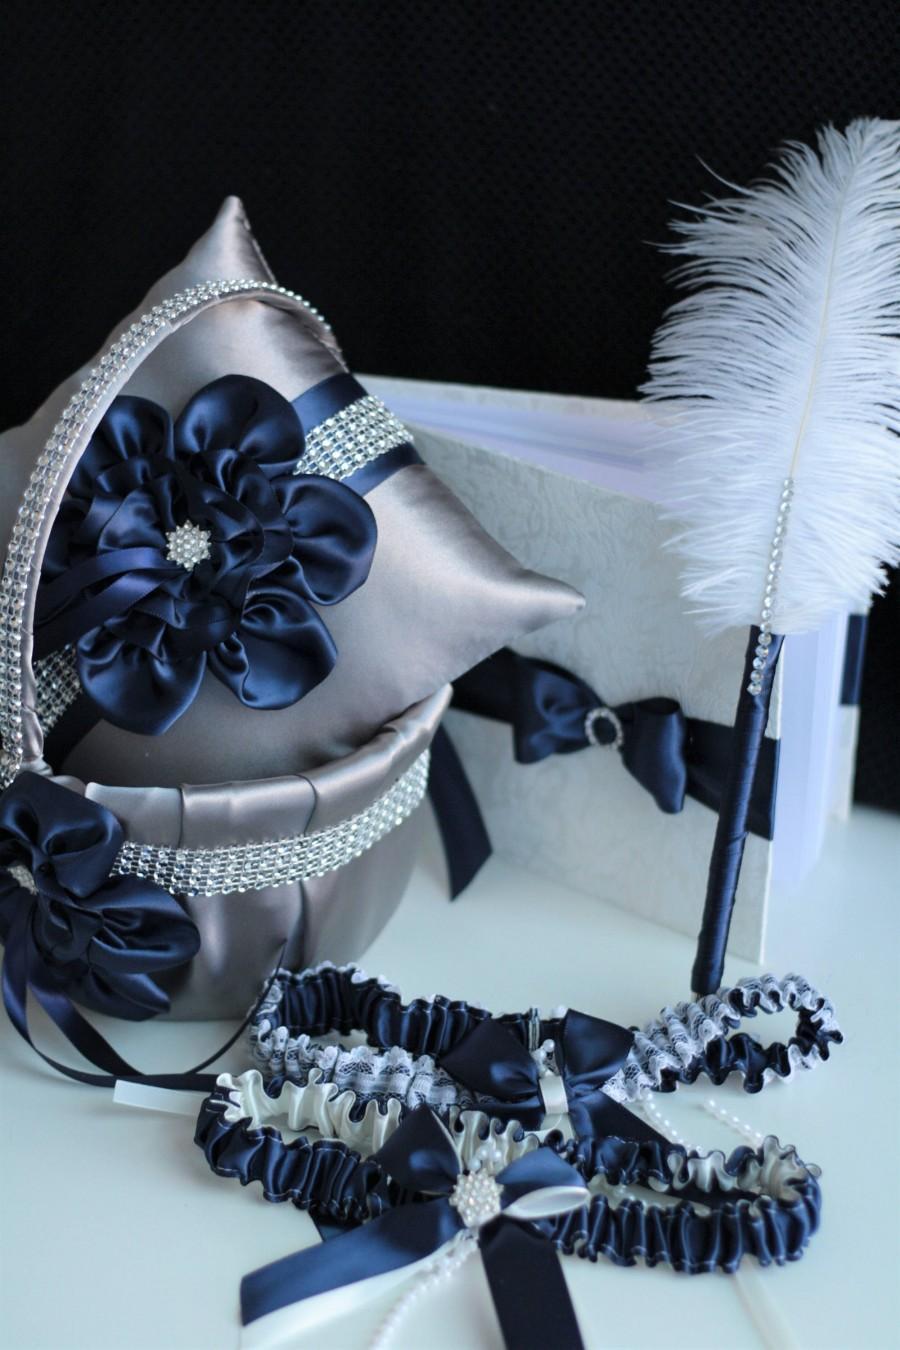 Mariage - Navy Wedding Pillow / Navy Wedding Basket / Navy Garter Set / Navy Guest Book with Pen / Navy Gray Flower Girl Basket / Navy Blue Bearer - $28.00 USD